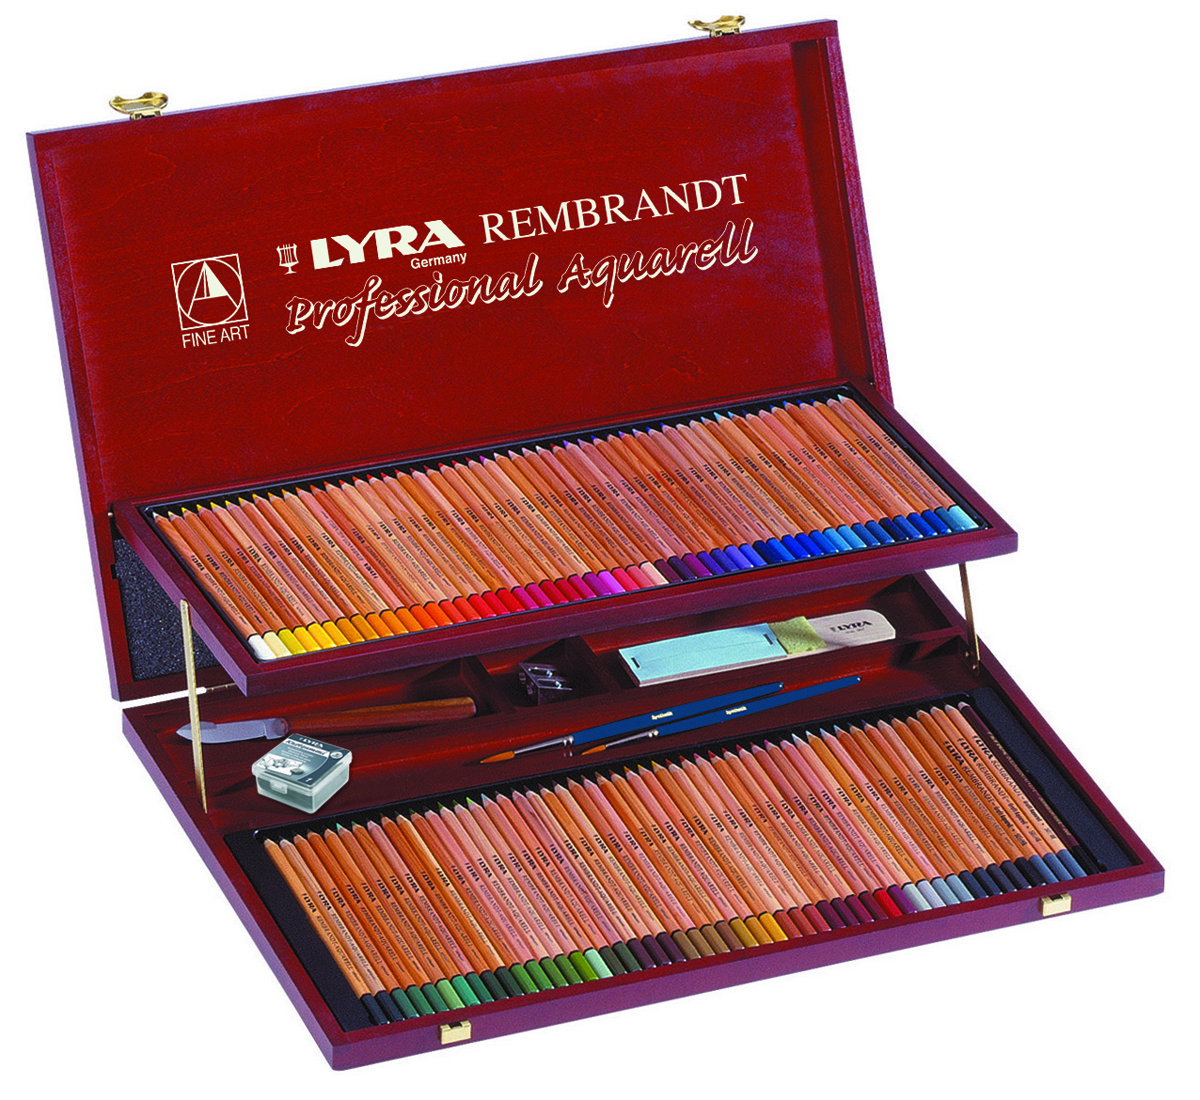 Lyra Художественные цветные карандаши Rembrandt Aquarell 106 предметов rembrandt aquarell van dyck brown карандаш акварельный